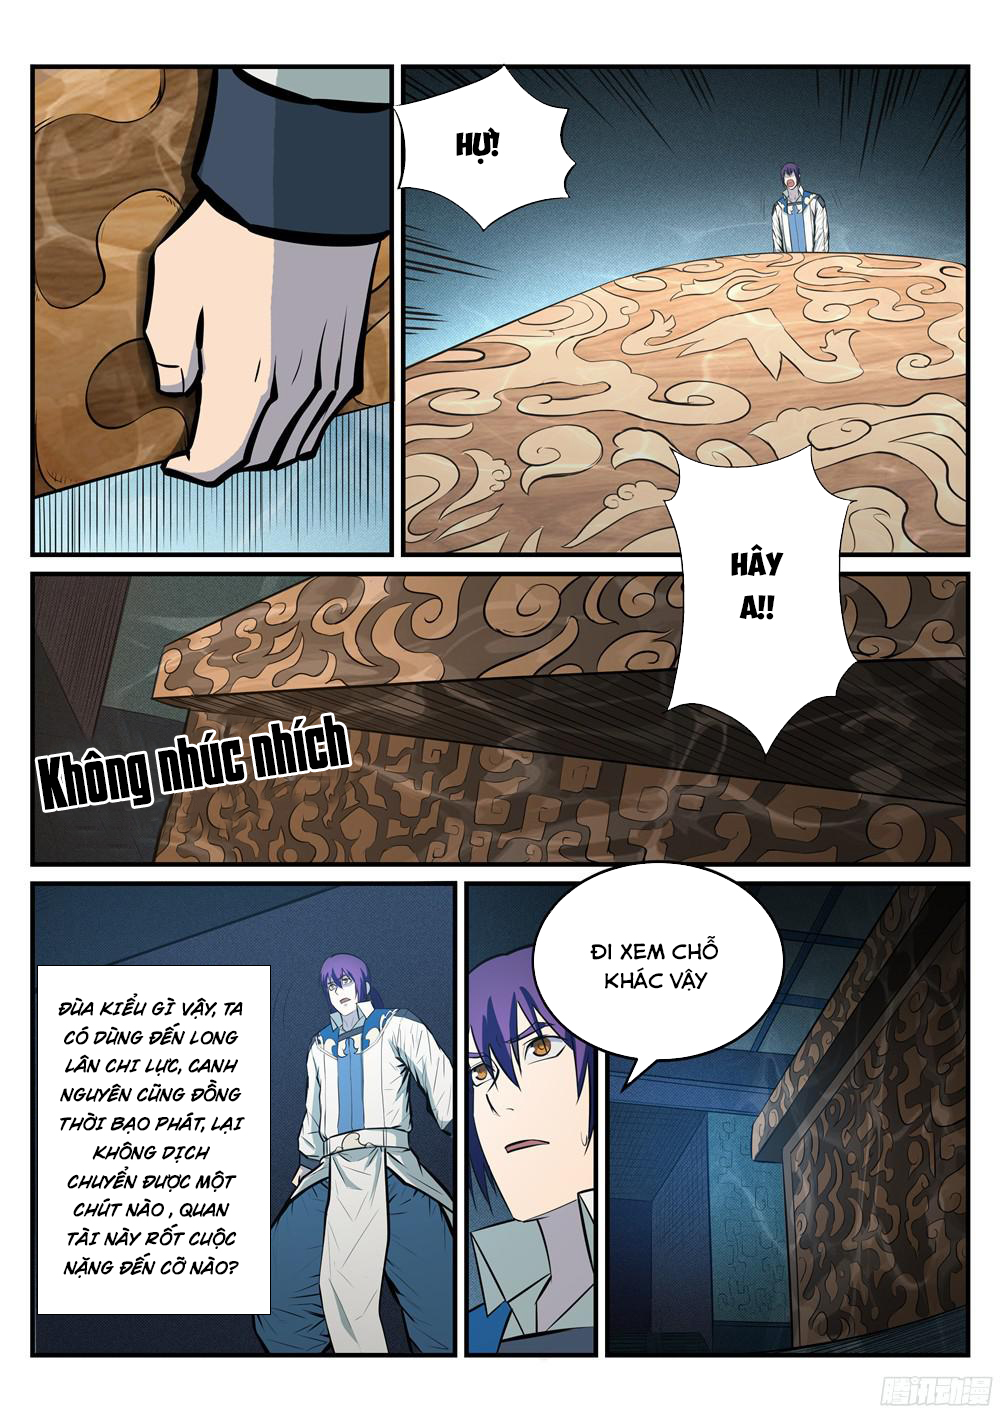 Bách Luyện Thành Thần Chapter 215 - Hamtruyen.vn